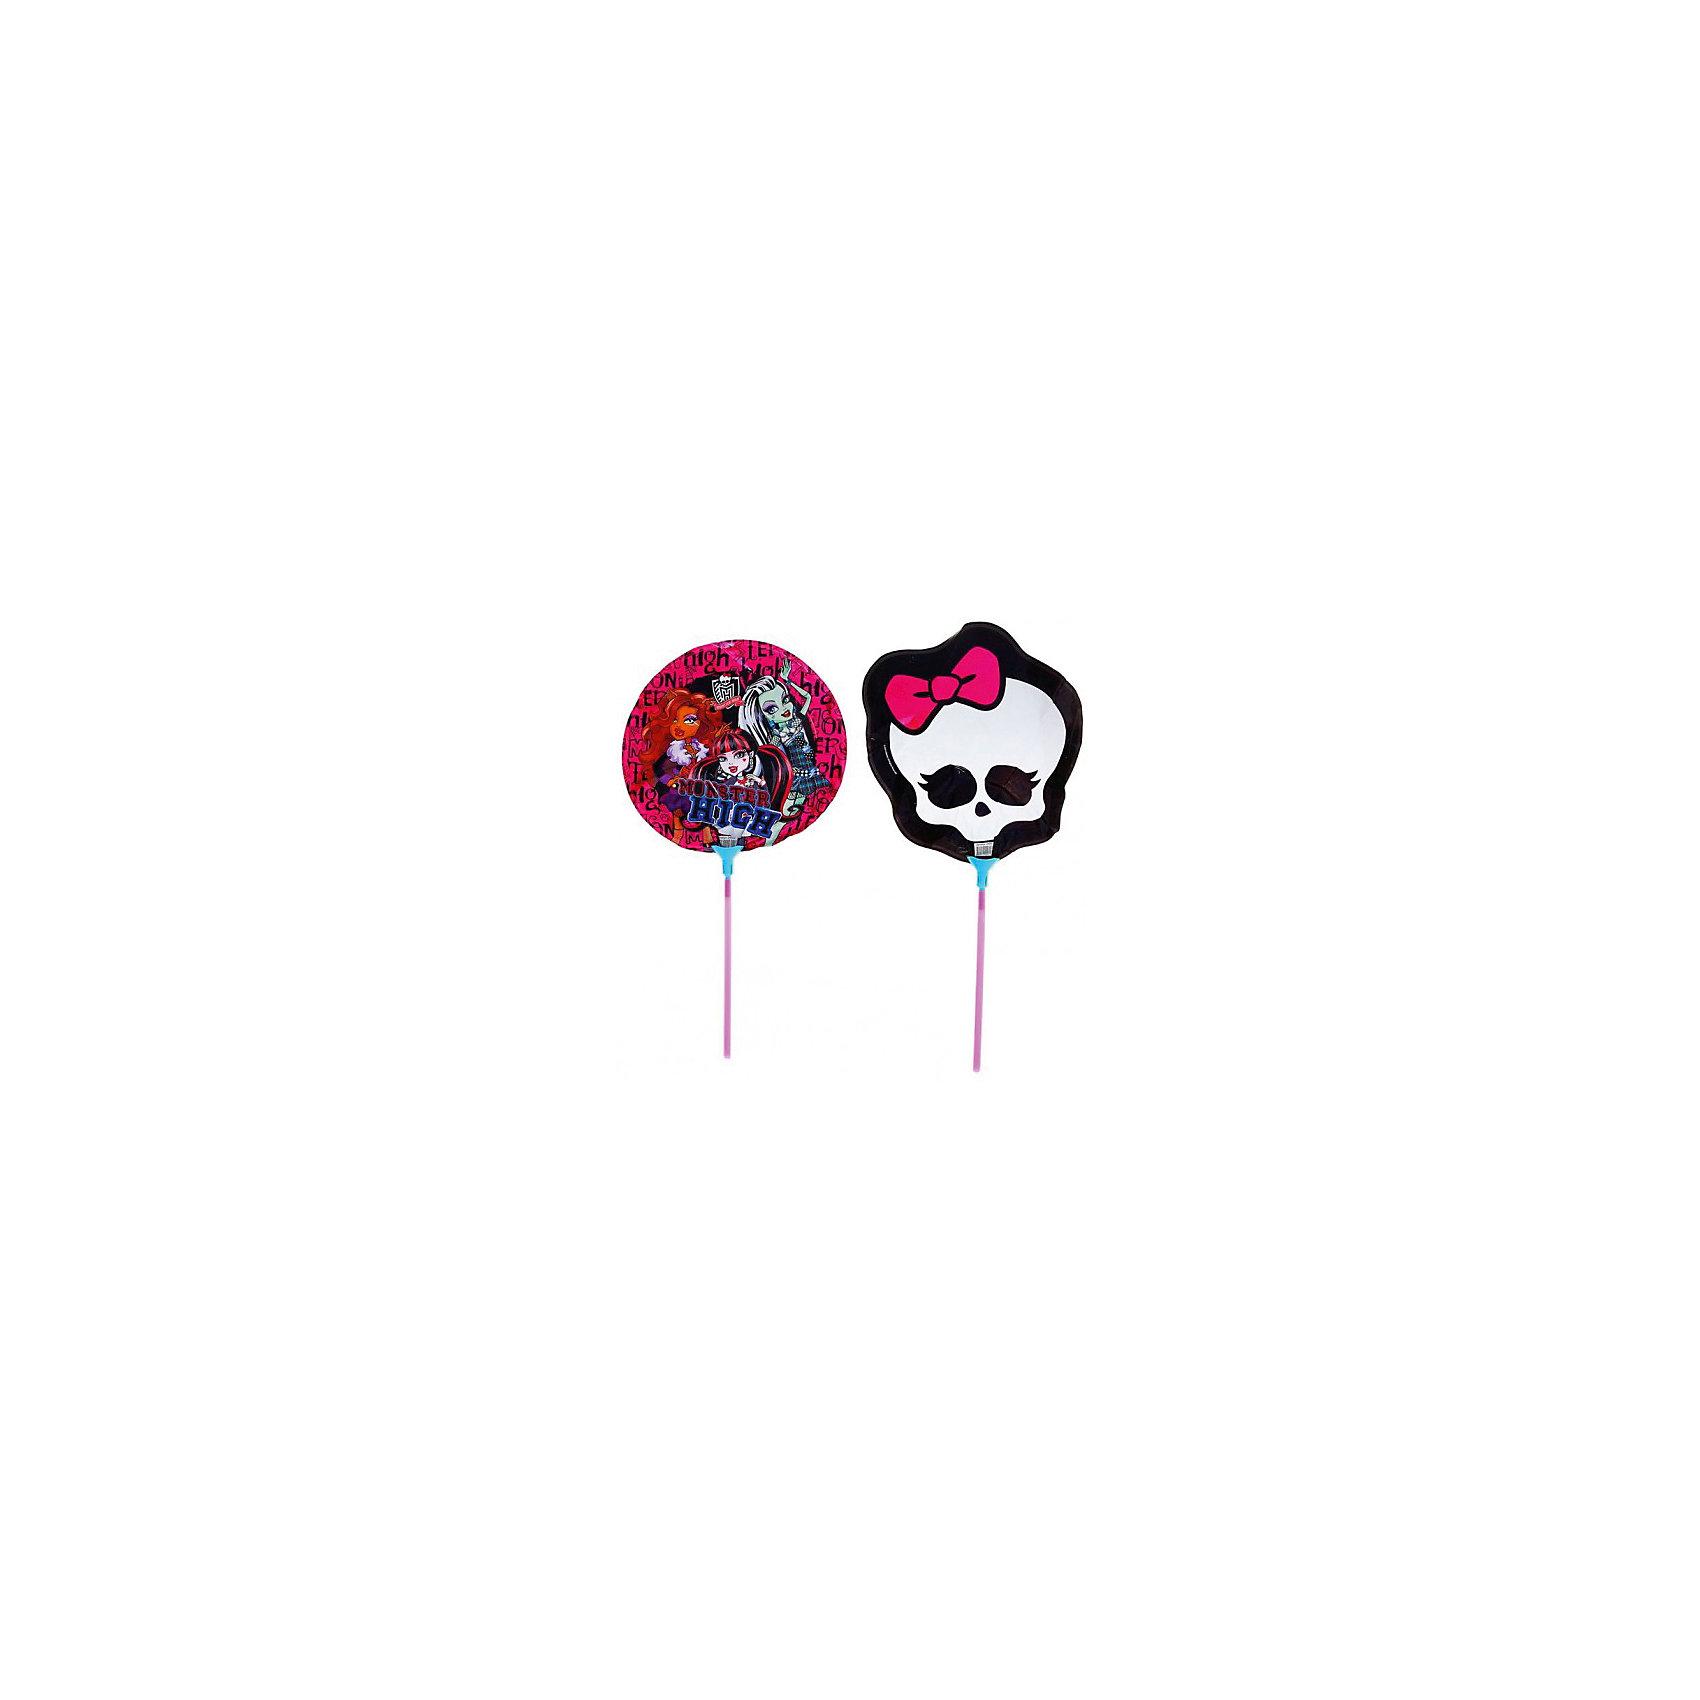 Набор фольгированных мини-шаров Росмэн Monster High, 2 шт.Monster High<br>Шарики с героями «Школы монстров» стильно и модно украсят любую вечеринку.&#13;<br>В комплекте «Монстр Хай» 2 мини-фигуры, изготовленные из миларовой пленки: одна – круглая с изображением героинь мультфильма, вторая – в виде черепа; 2 палочки, 2 держателя. Упаковка – пакет с карточкой.<br><br>Ширина мм: 580<br>Глубина мм: 410<br>Высота мм: 360<br>Вес г: 20<br>Возраст от месяцев: 36<br>Возраст до месяцев: 2147483647<br>Пол: Женский<br>Возраст: Детский<br>SKU: 7127434